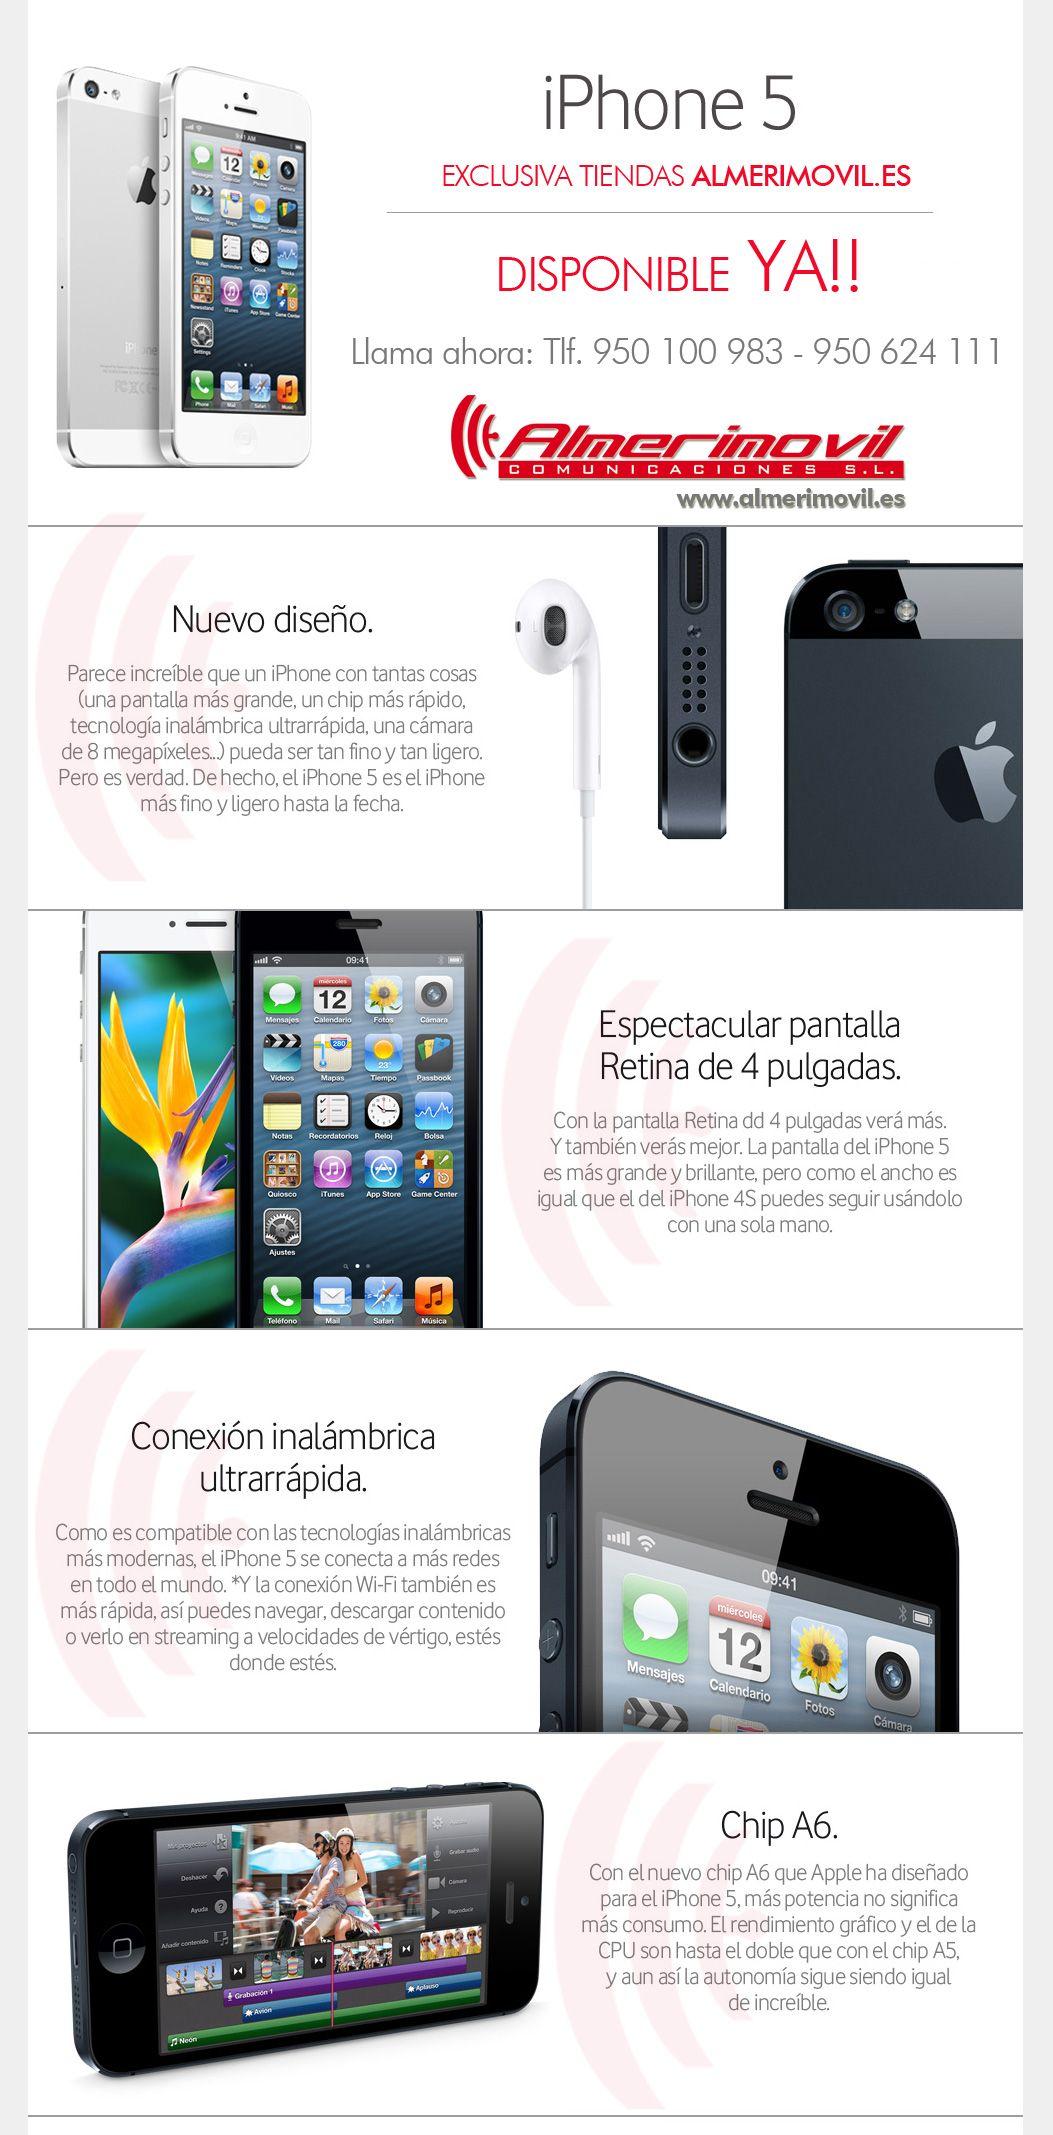 """Disponible """"IPhone 5"""" desde Ya! y en exclusiva para Almería. Solo en tiendas Almerimovil. Yupiii!! :-)"""